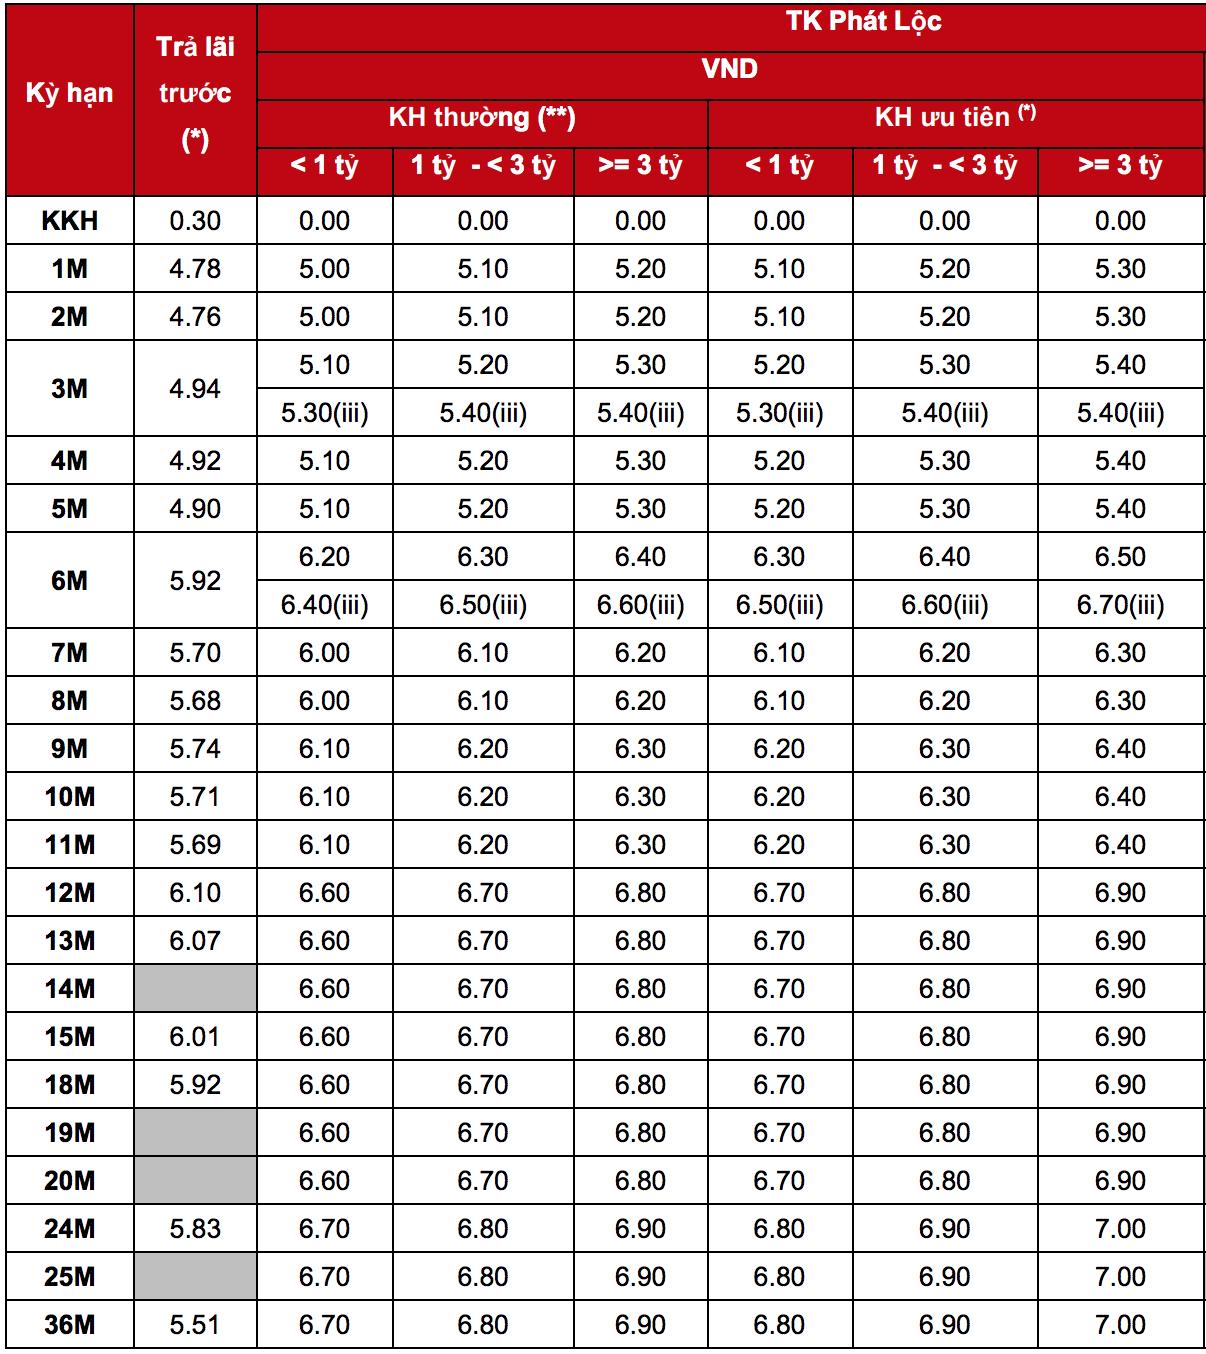 Lãi suất ngân hàng Techcombank mới nhất tháng 5/2019 - Ảnh 1.